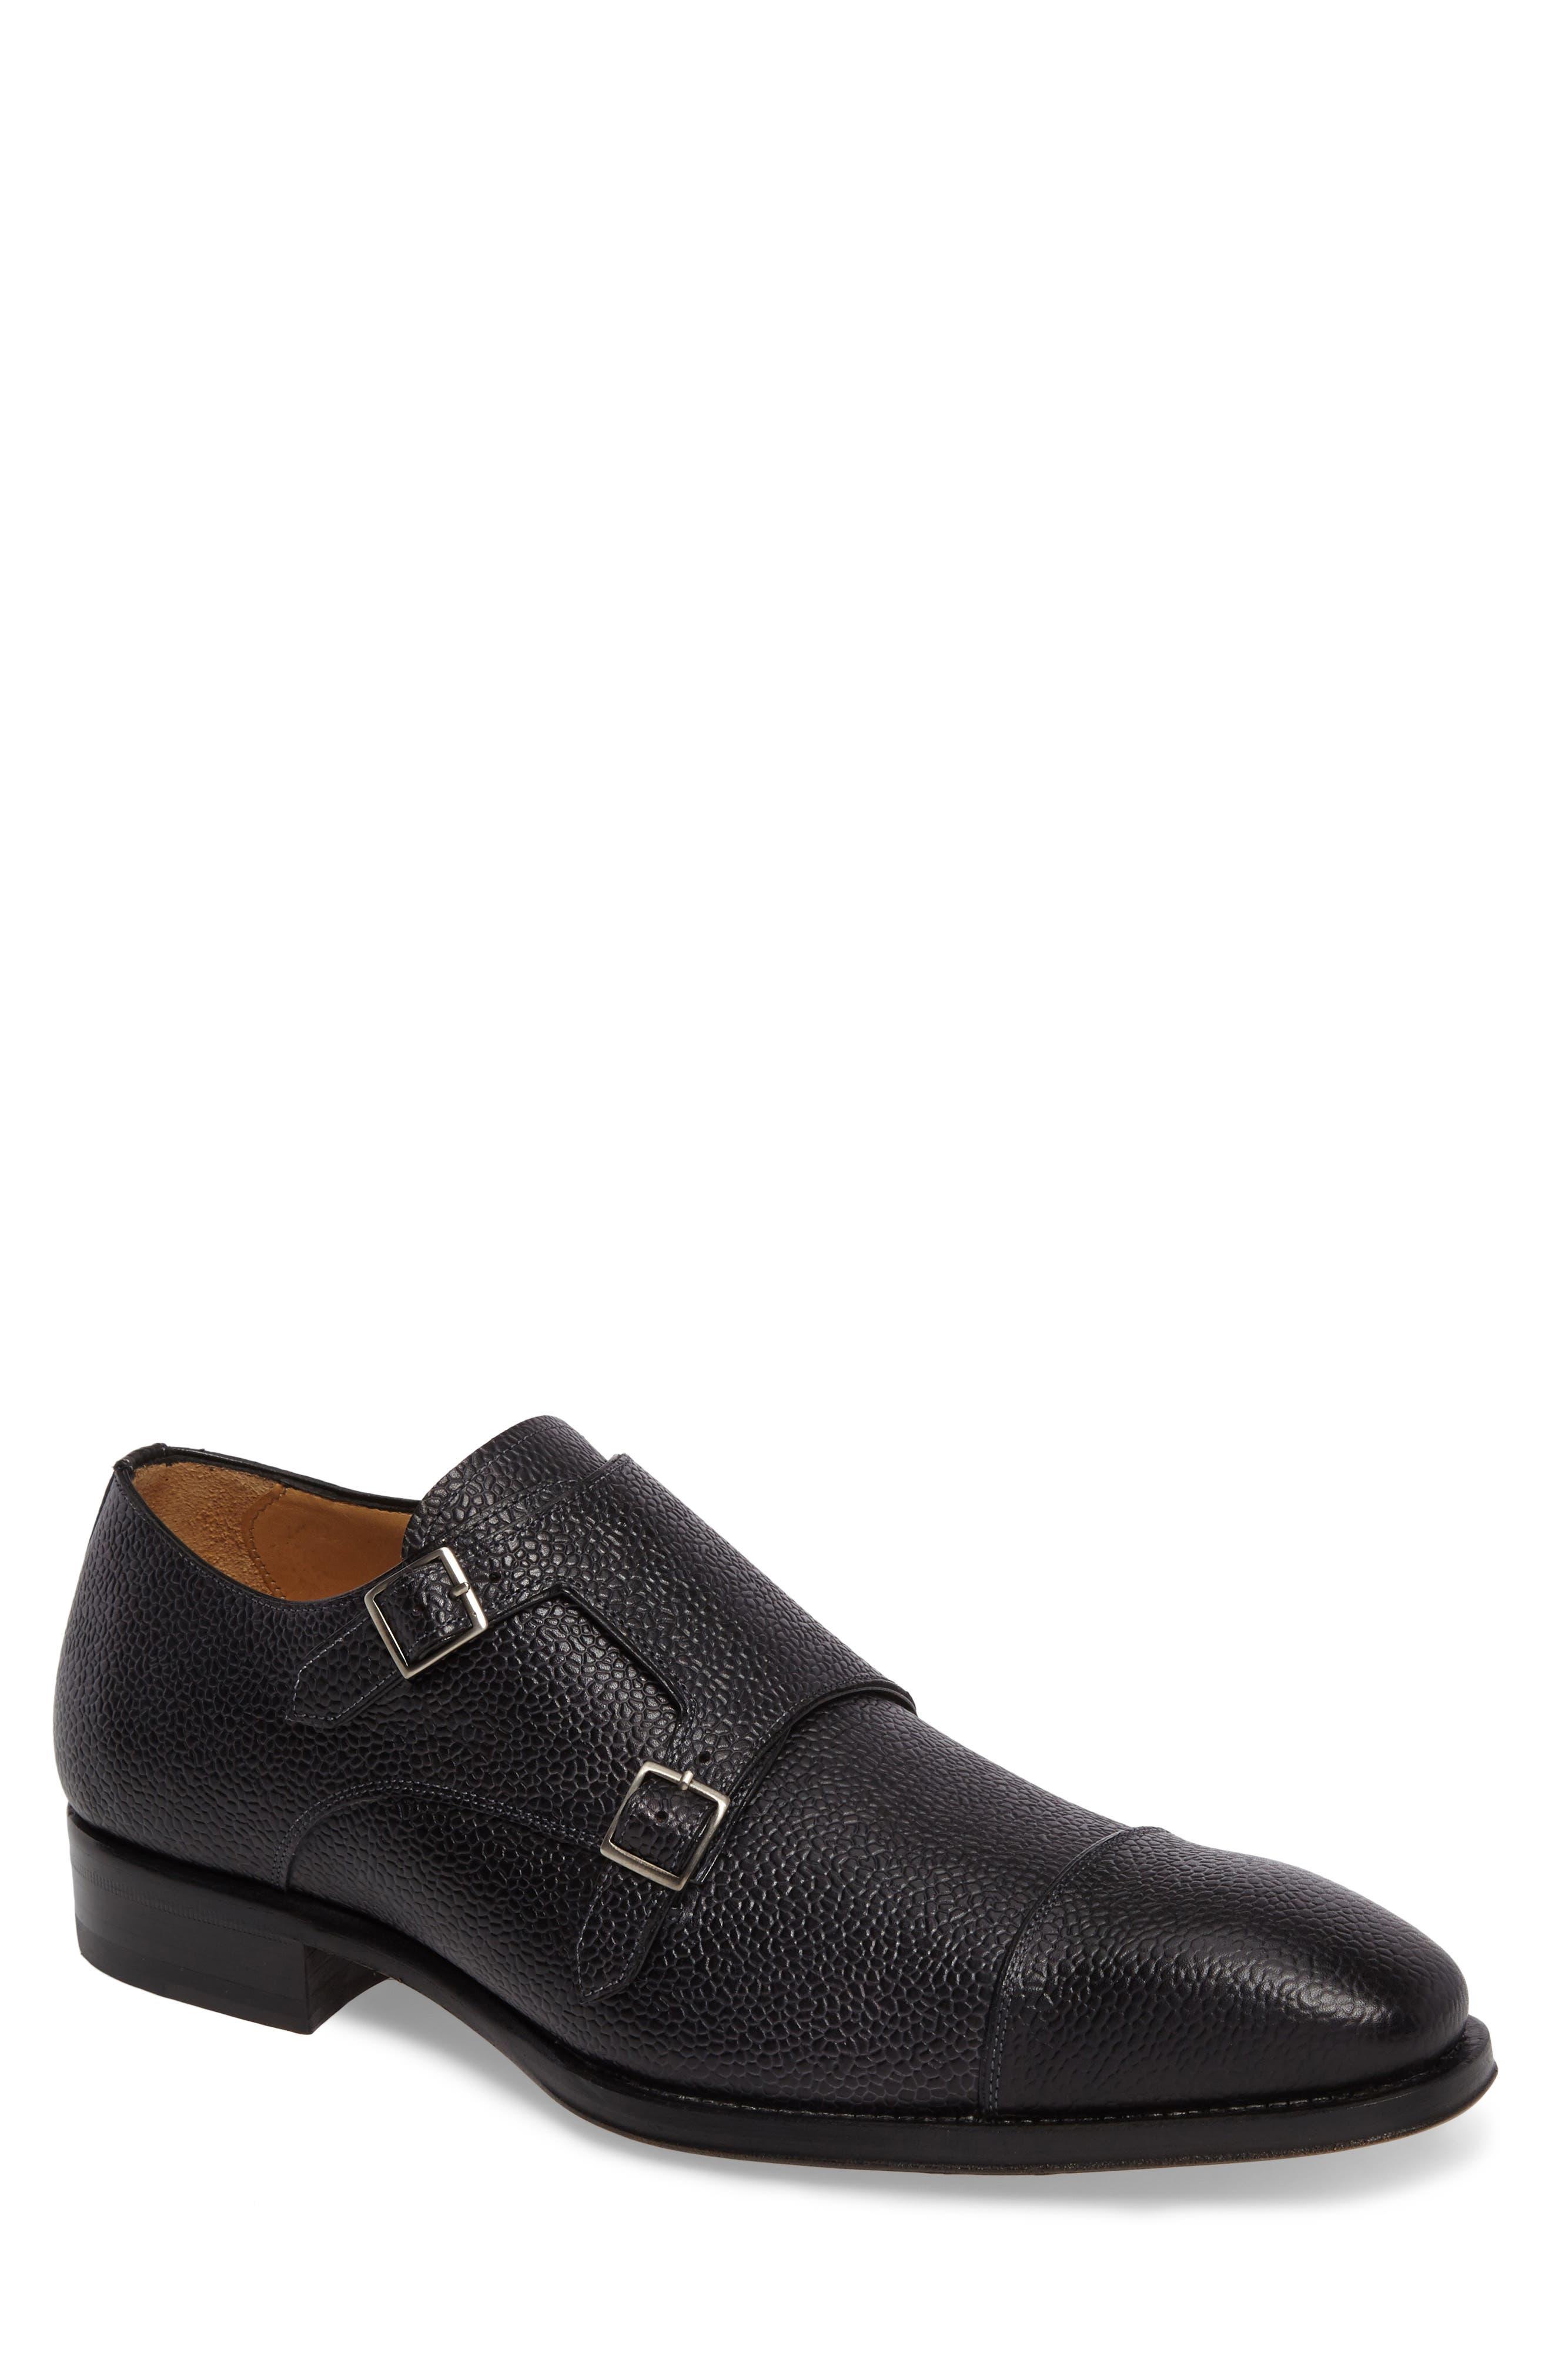 Lubrin Double Monk Strap Shoe,                             Main thumbnail 1, color,                             BLACK LEATHER